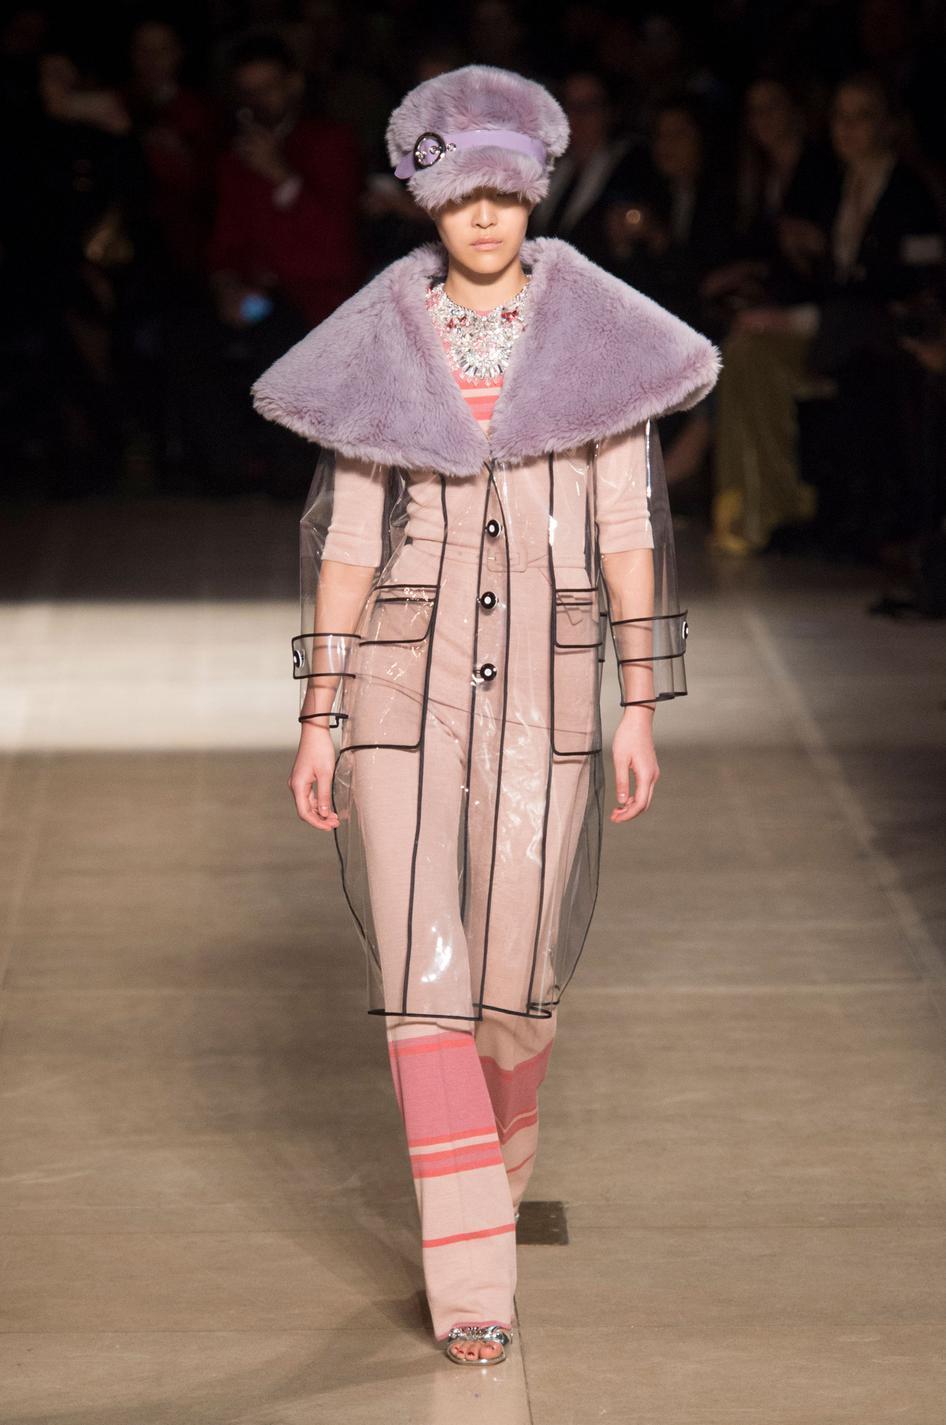 ... Des manteaux cirés qui vont nous faire aimer la pluie - Armor Lux Des  manteaux cirés qui vont nous faire aimer la pluie - My Sunday Morning Des  manteaux ... cd3cf4f1e941